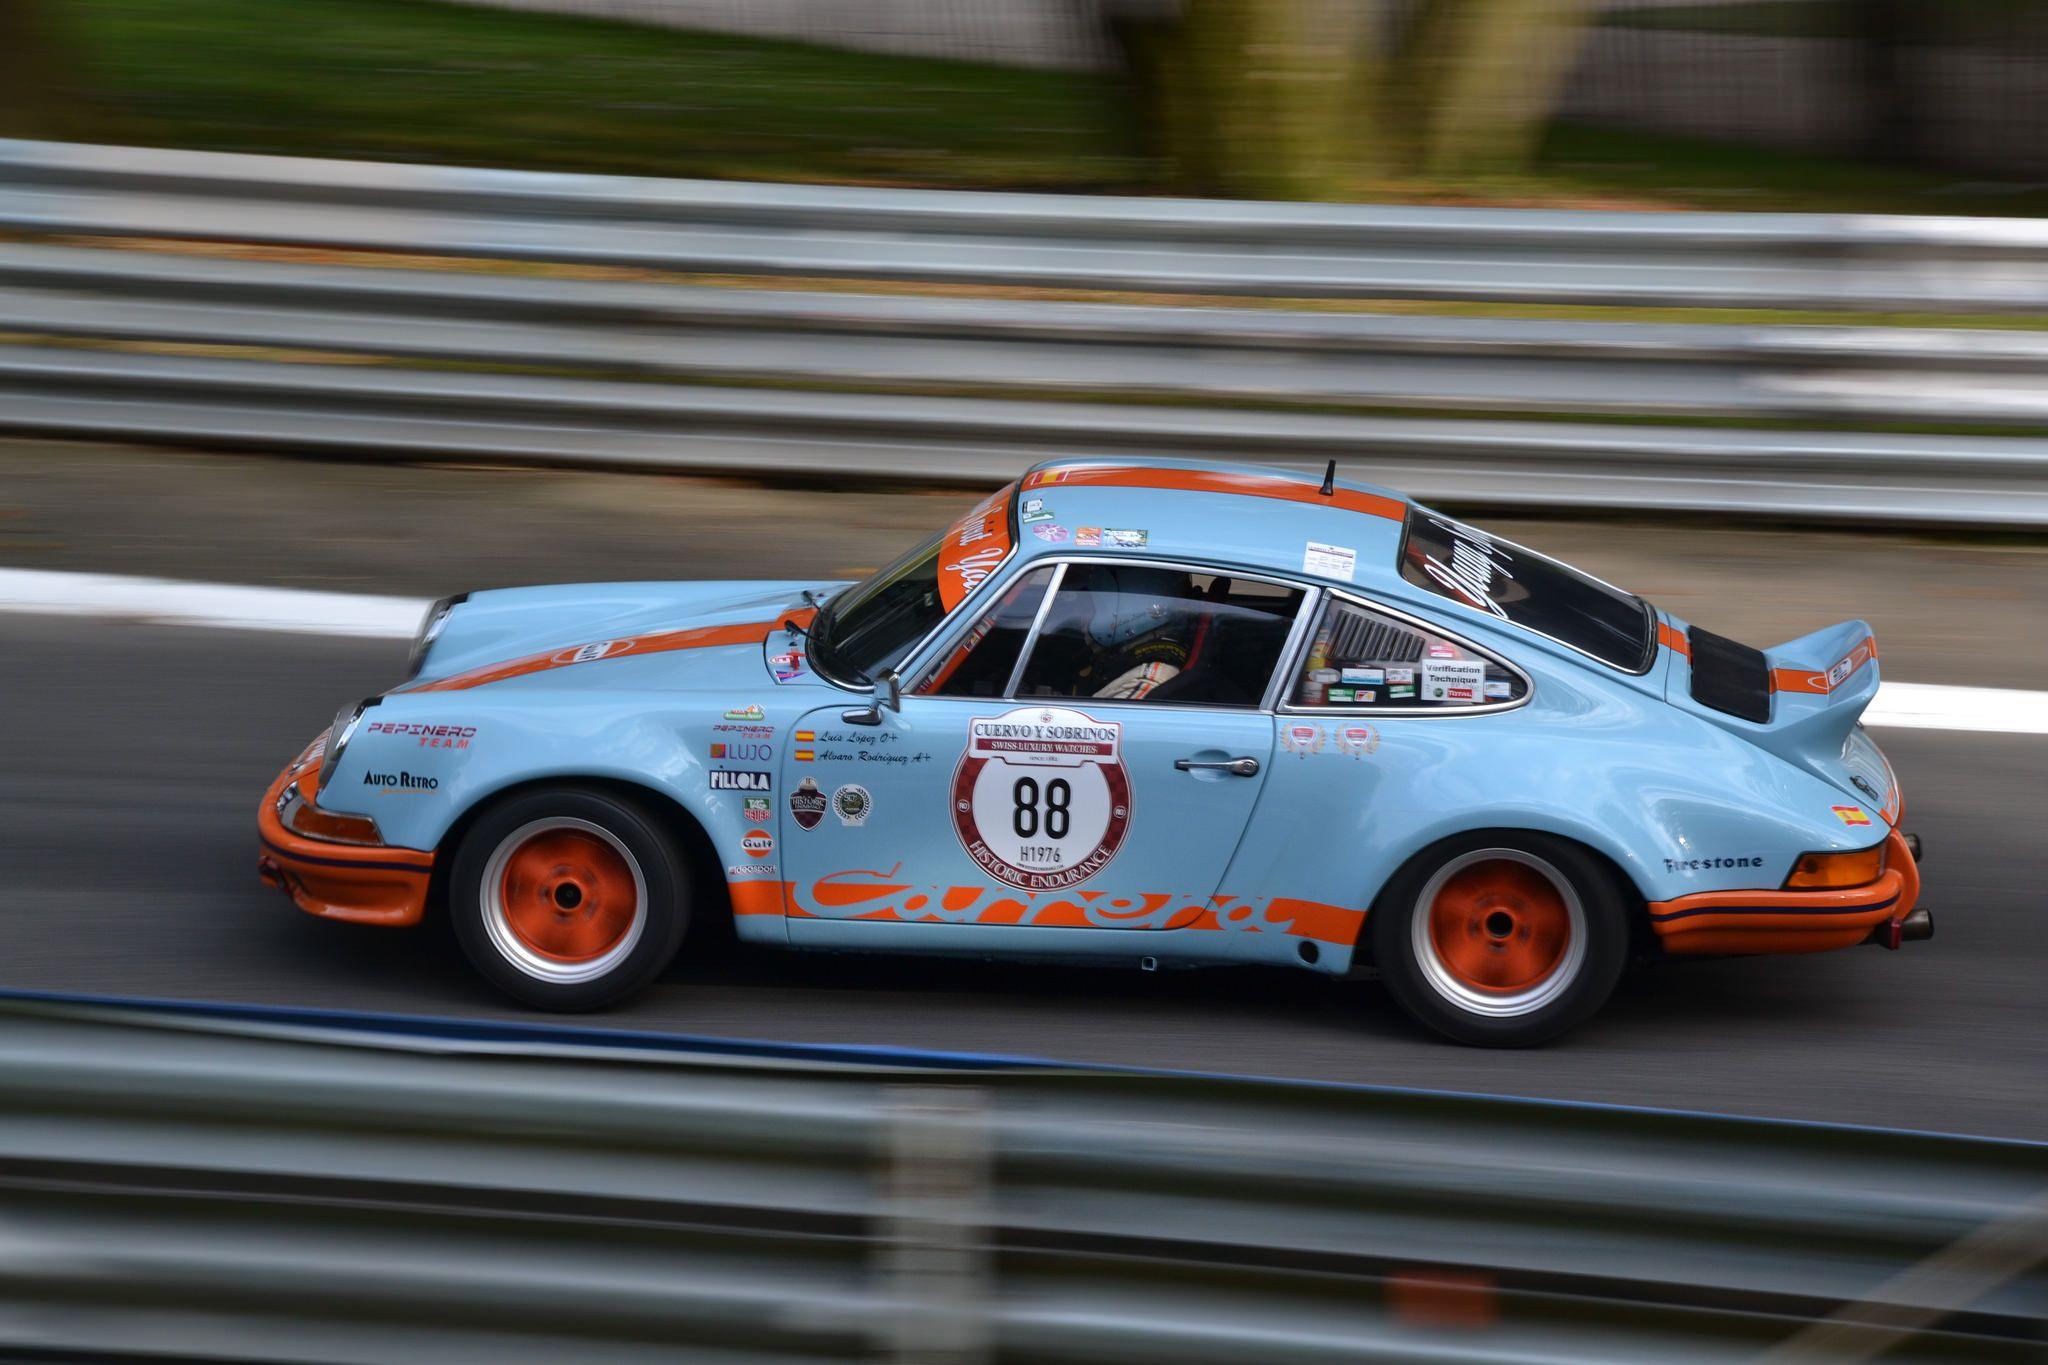 Porsche 911 28 rsr porsche 911 cars and porsche rsr porsche 911 28 rsr erwan fouchard flickr vanachro Images